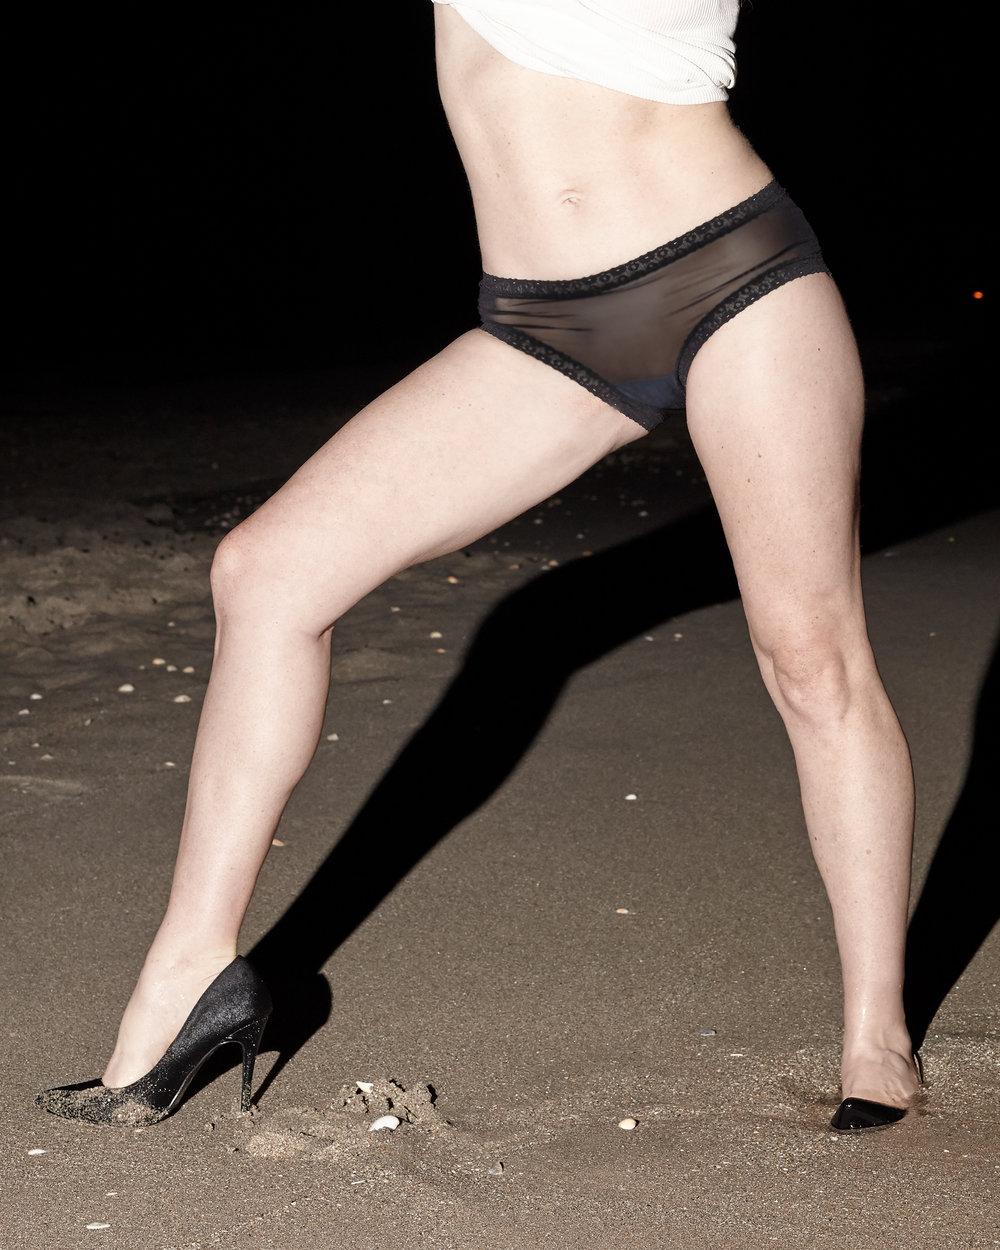 Merica-Lee-Premier-Panties.JPG